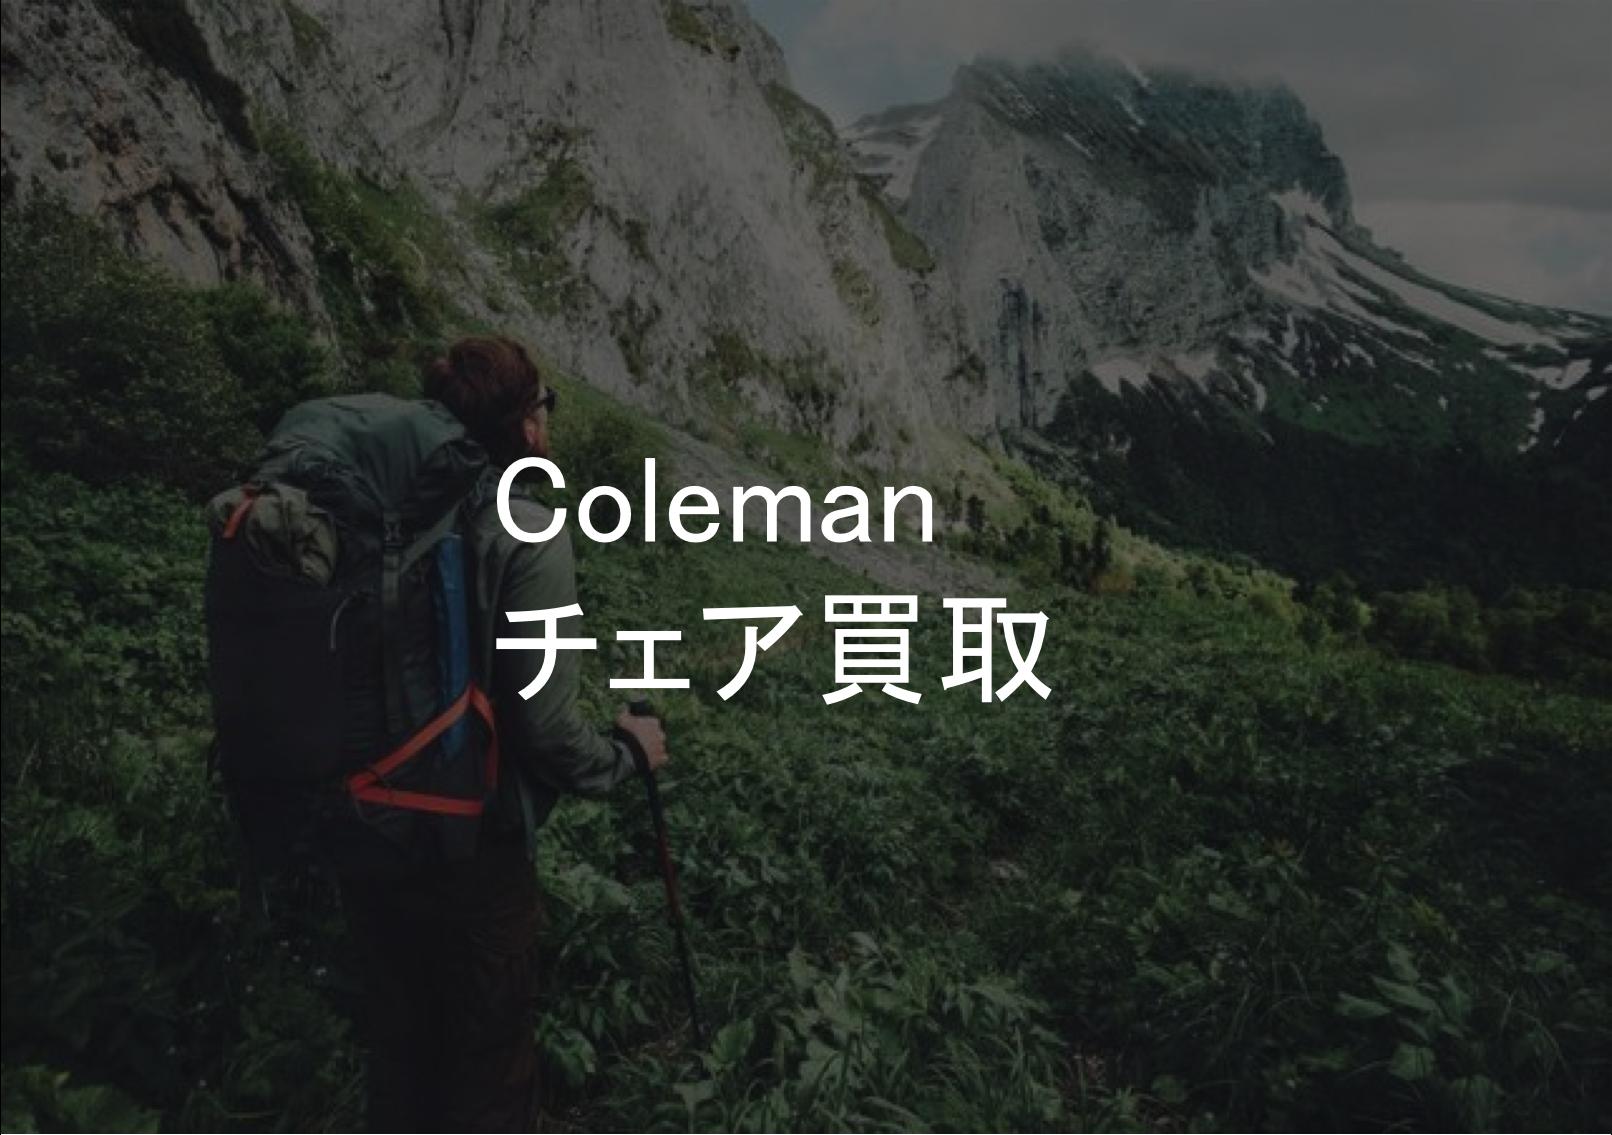 Coleman(コールマン)アウトドアチェア/キャンプチェア買取なら!